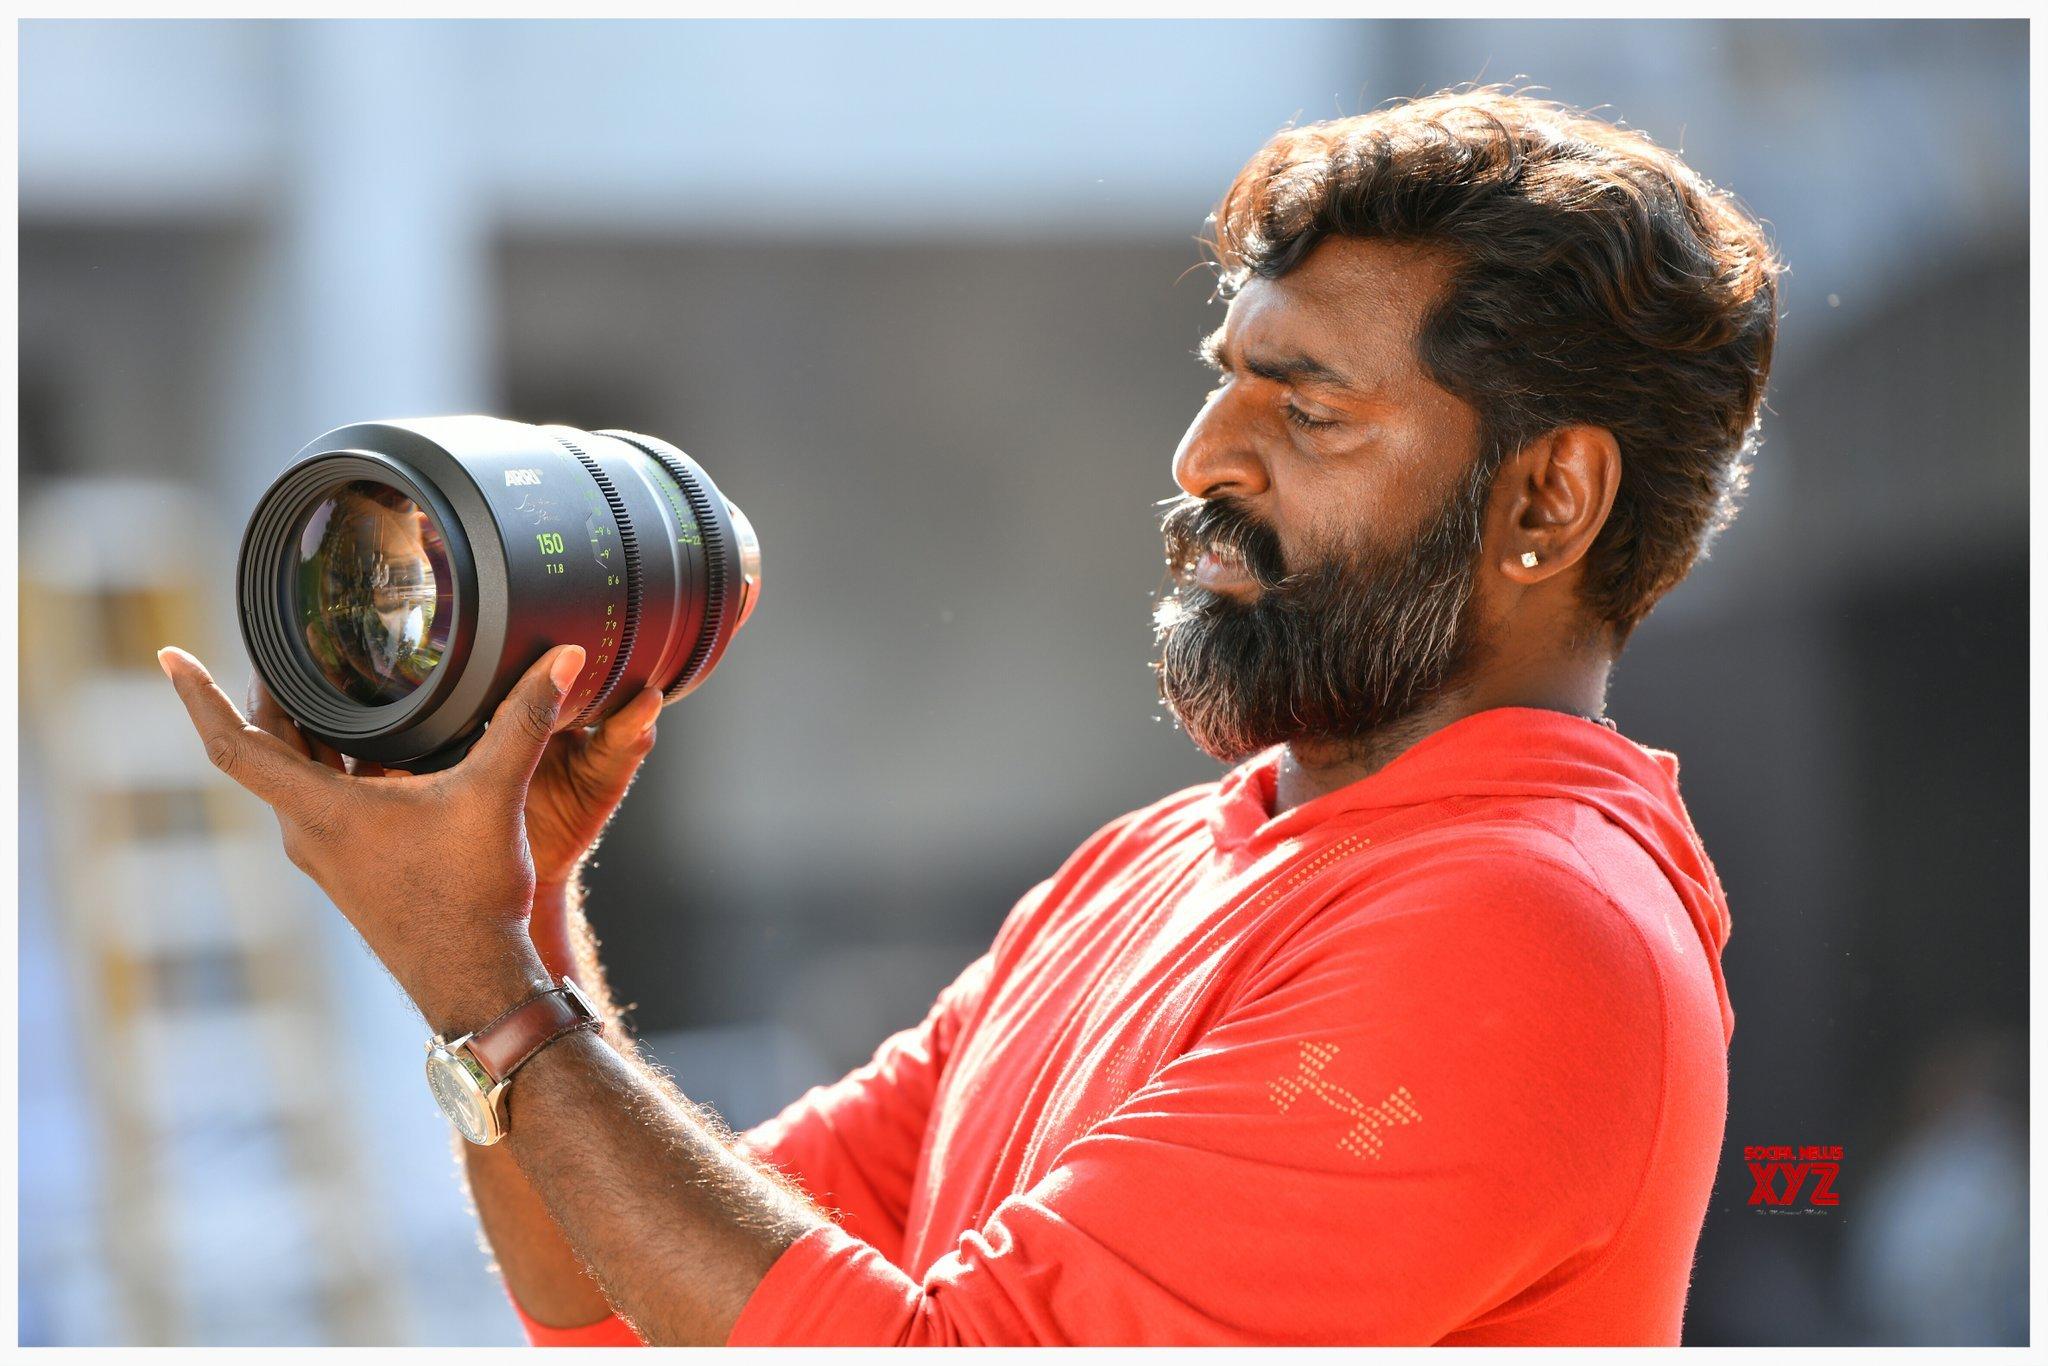 DOP KK Senthil Kumar Stills With New 150mm Signature Prime Lens Used For RRR Movie